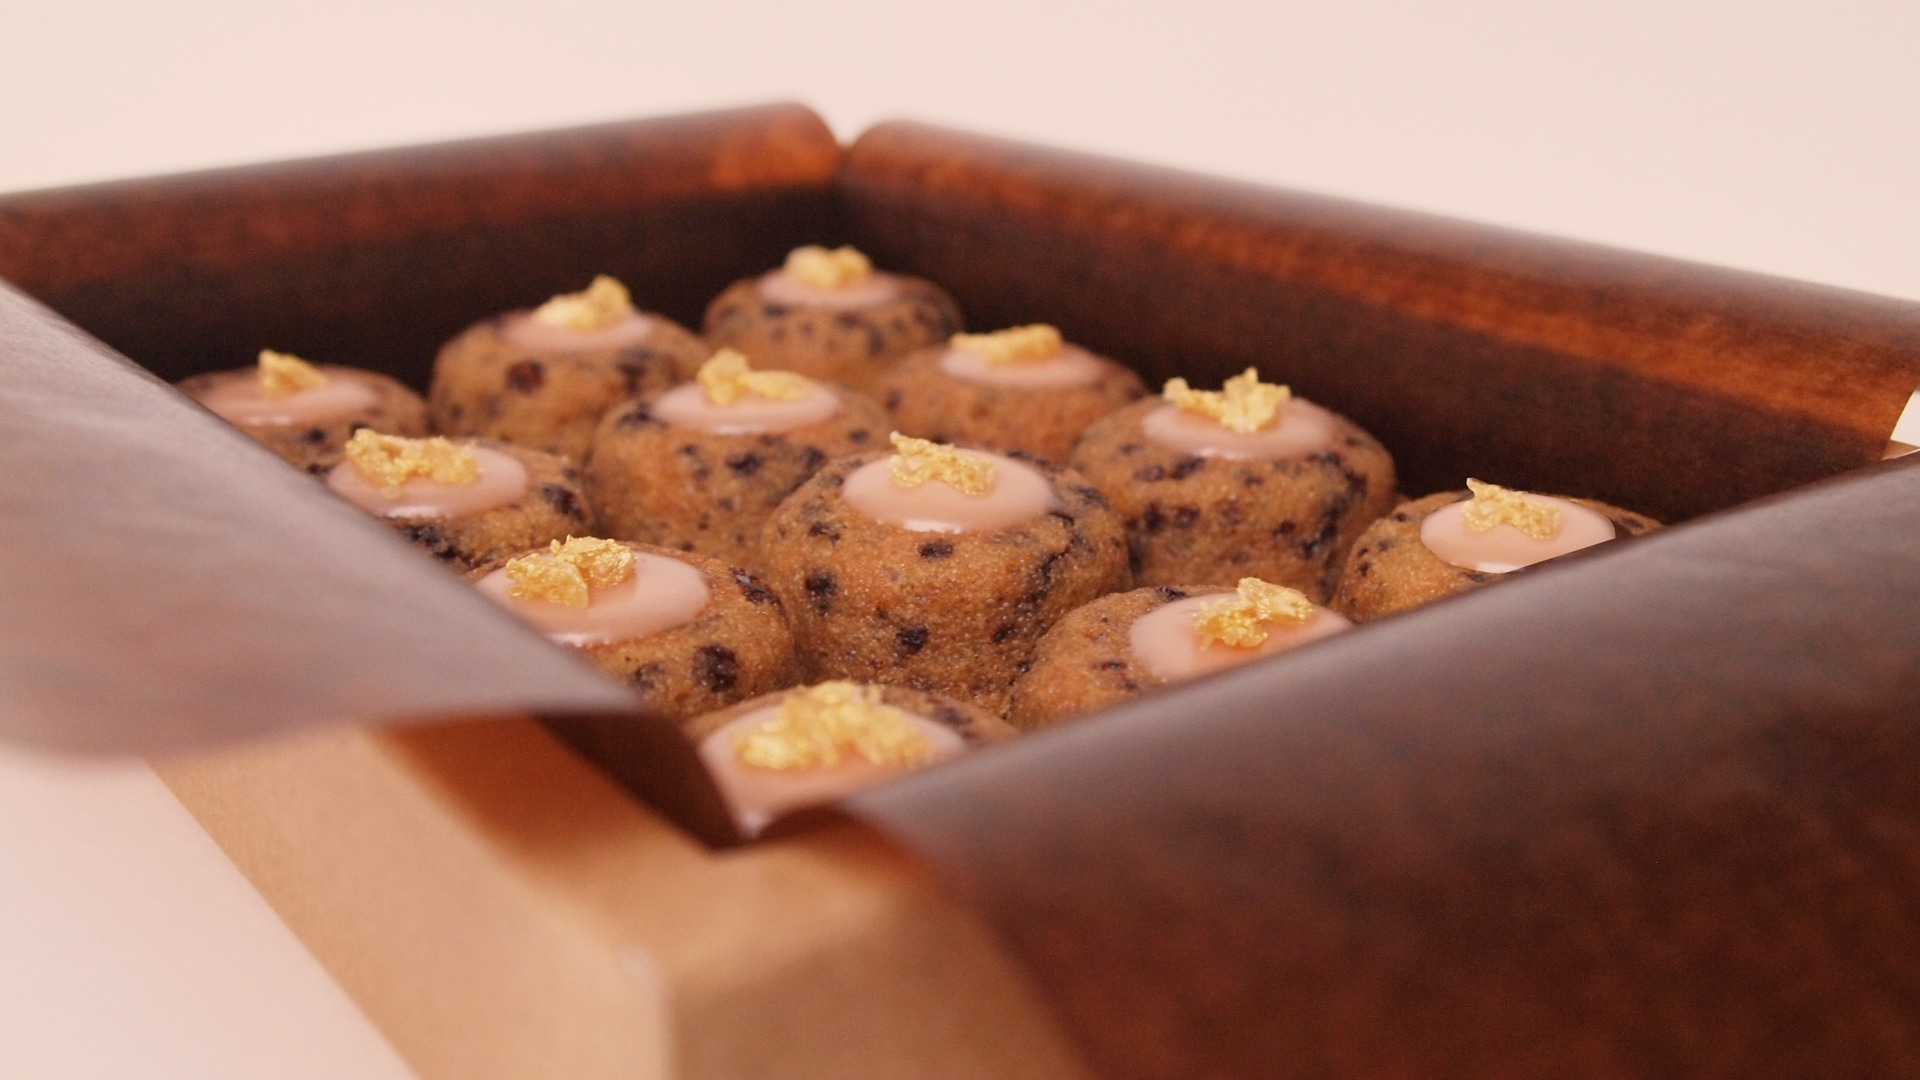 financier amandes bio chocolat pamplemousse gingembre dessert pâtisserie petits fours cupcakes